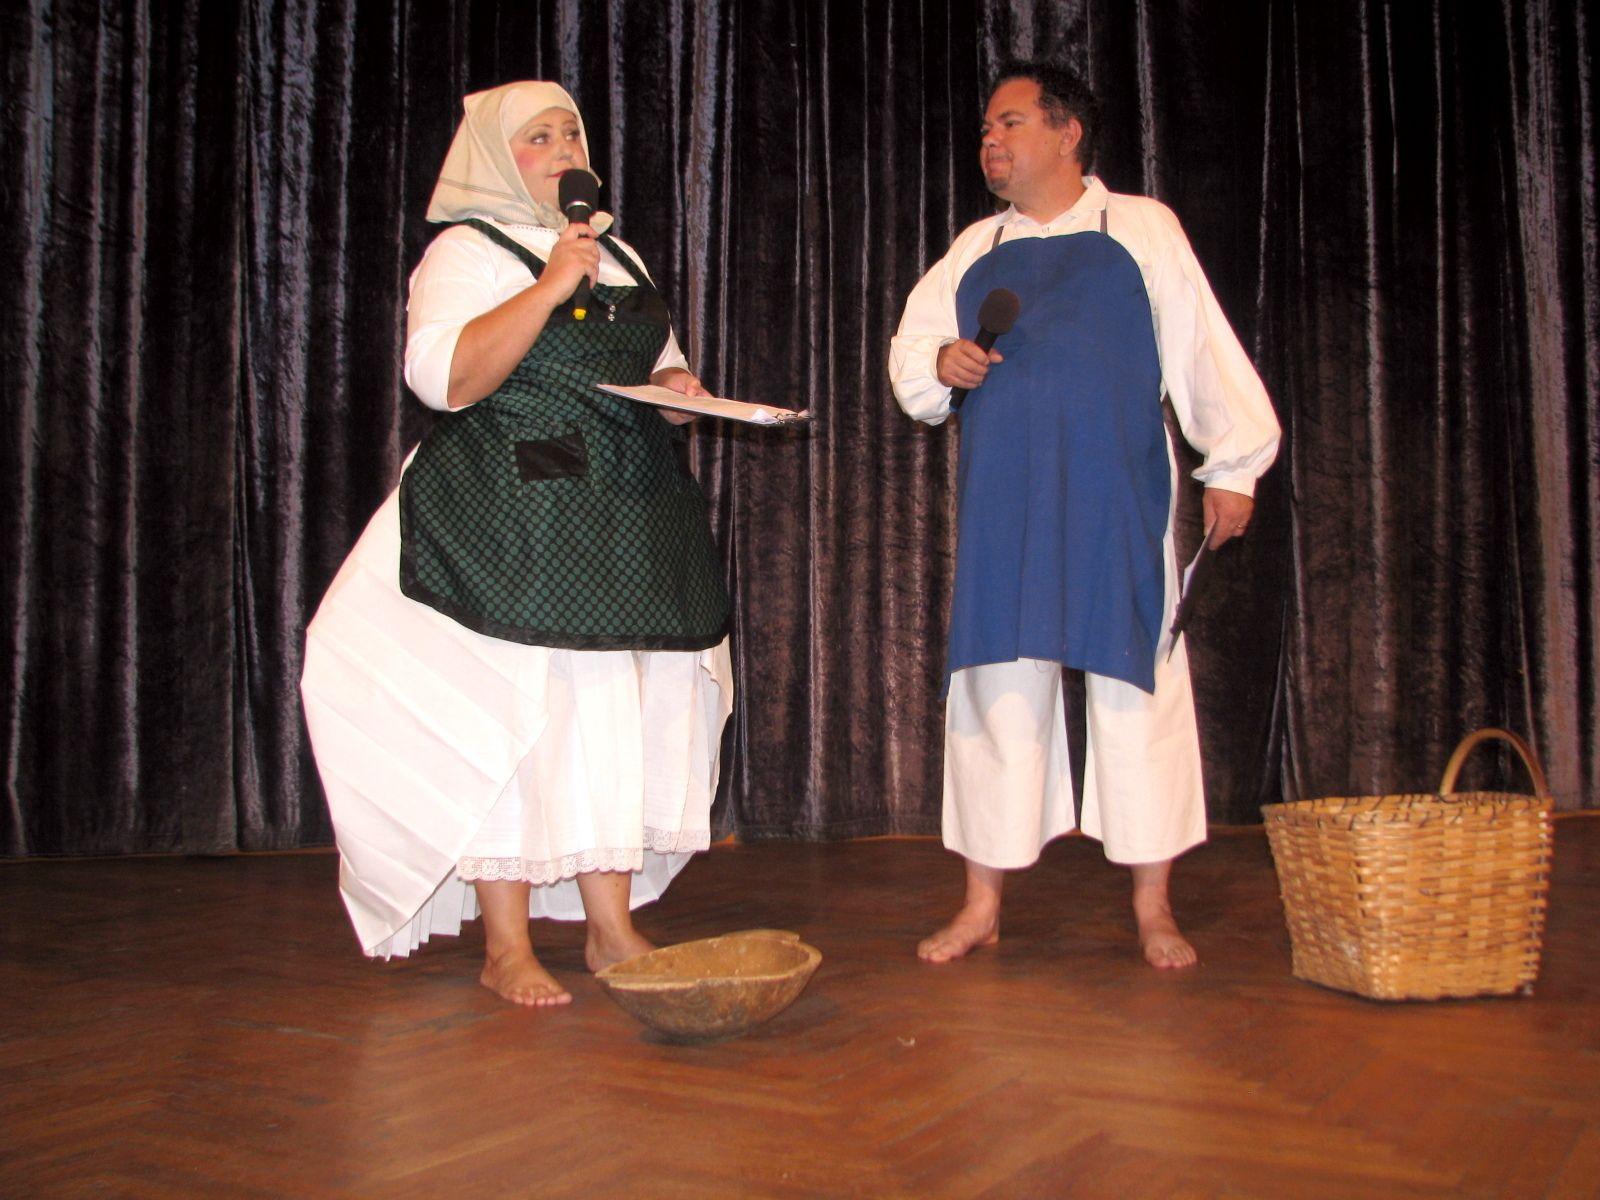 Održan svečani koncert HORKUD-a Golub povodom 130 godina postojanja društva